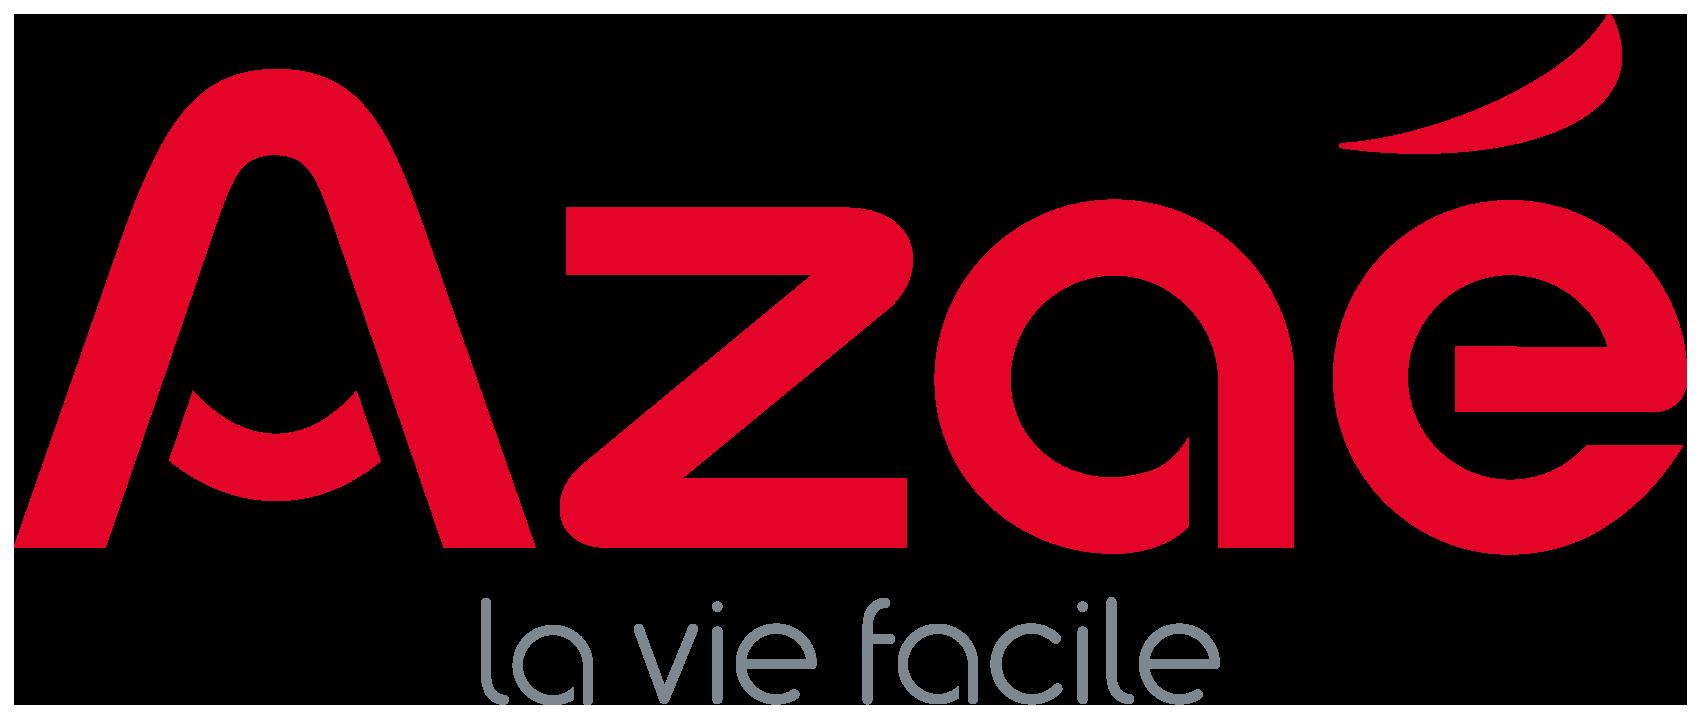 Azaé La Roche sur Yon - Aide à domicile et femme de ménage services, aide à domicile